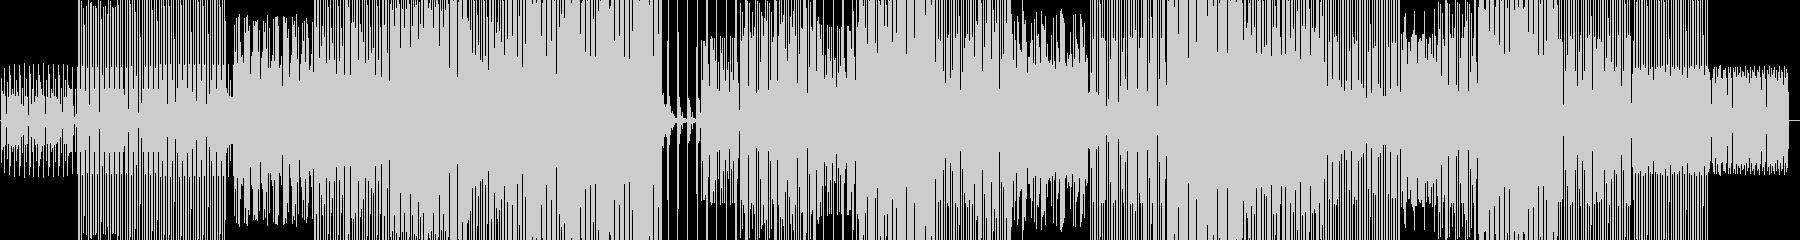 振り子制御されていないロボティクス...の未再生の波形